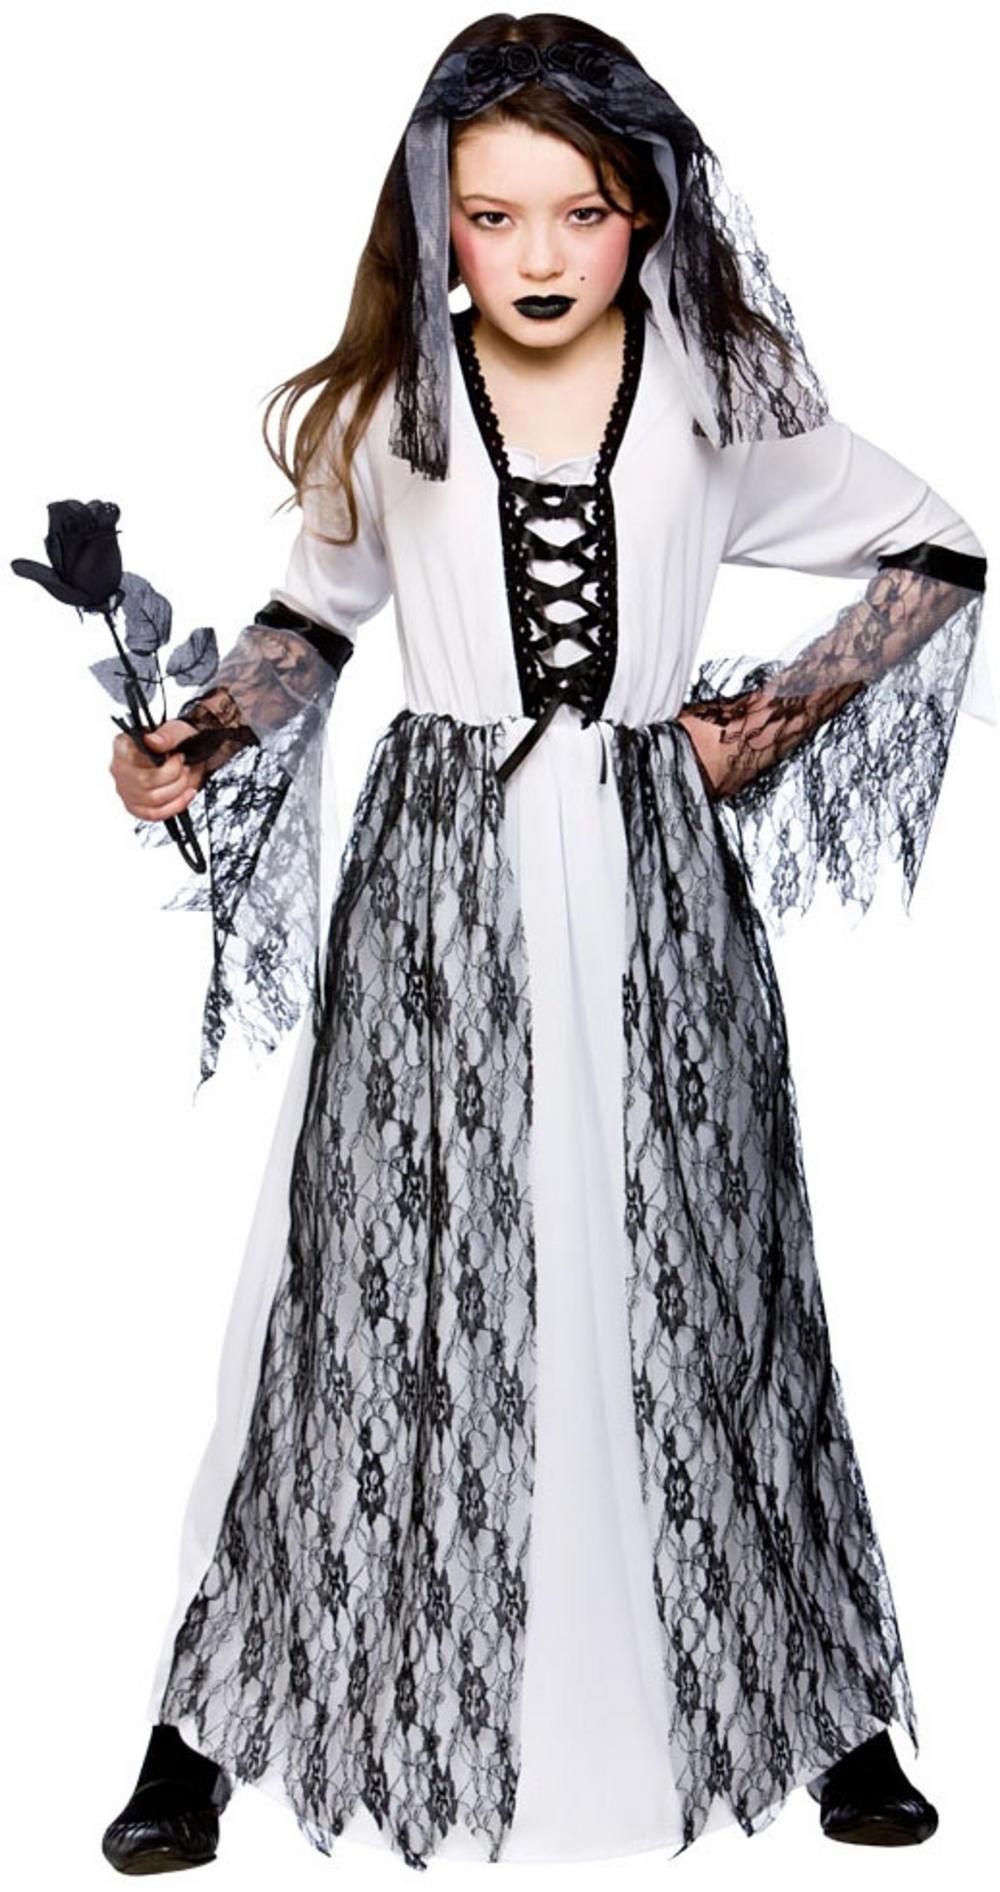 Ghastly Ghost Bride Costume